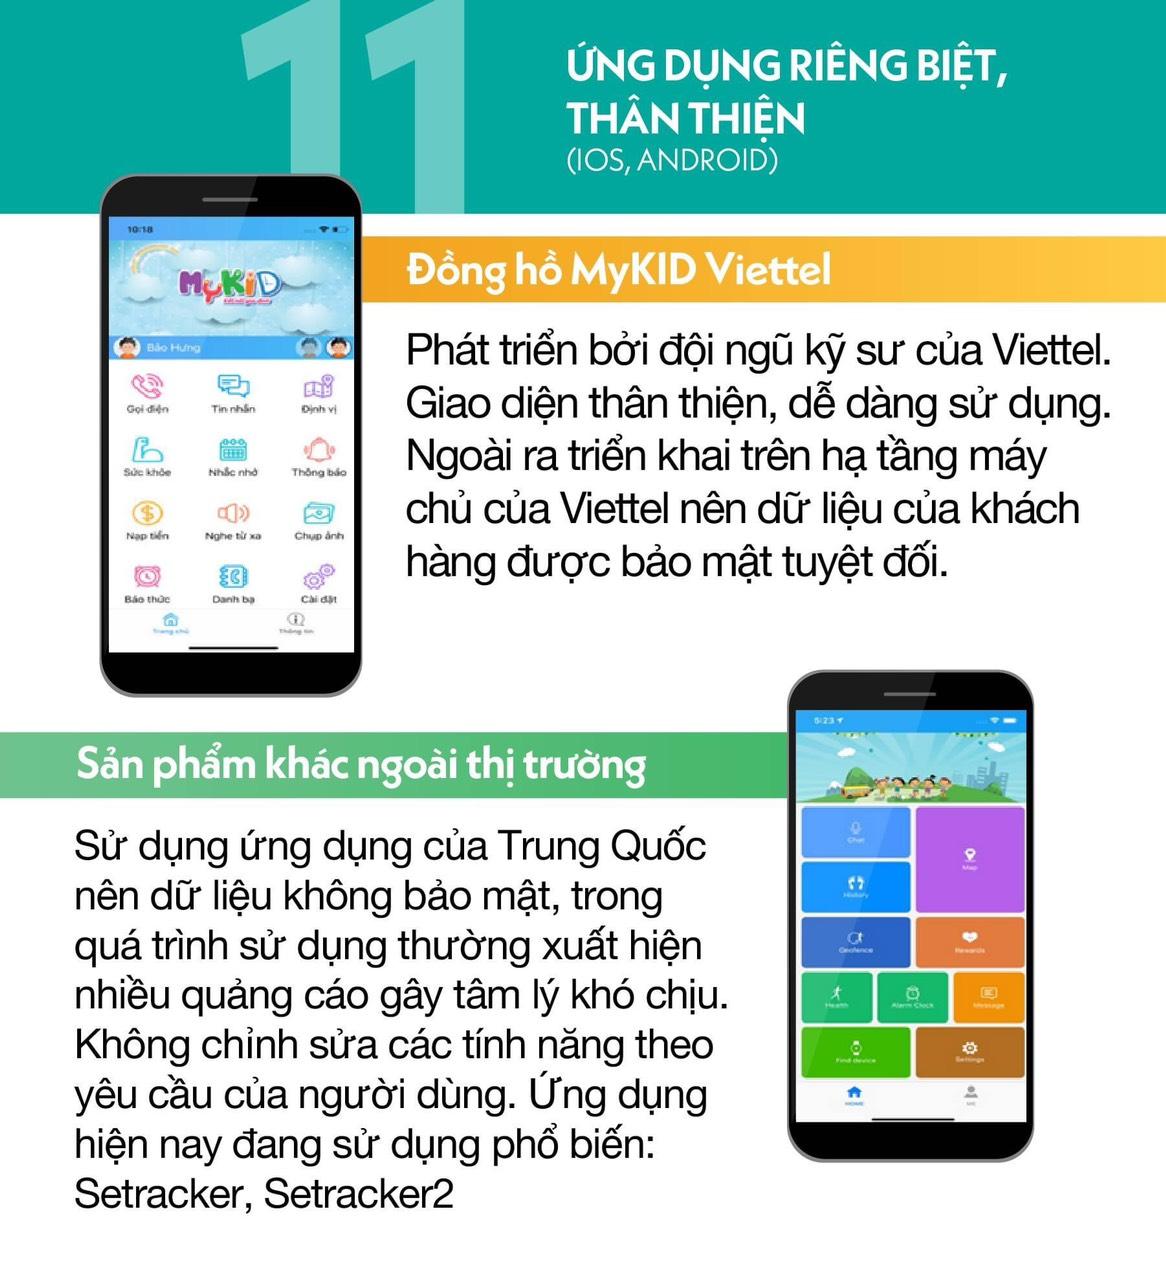 11. App ứng dụng riêng biệt hỗ trợ android và IOS.